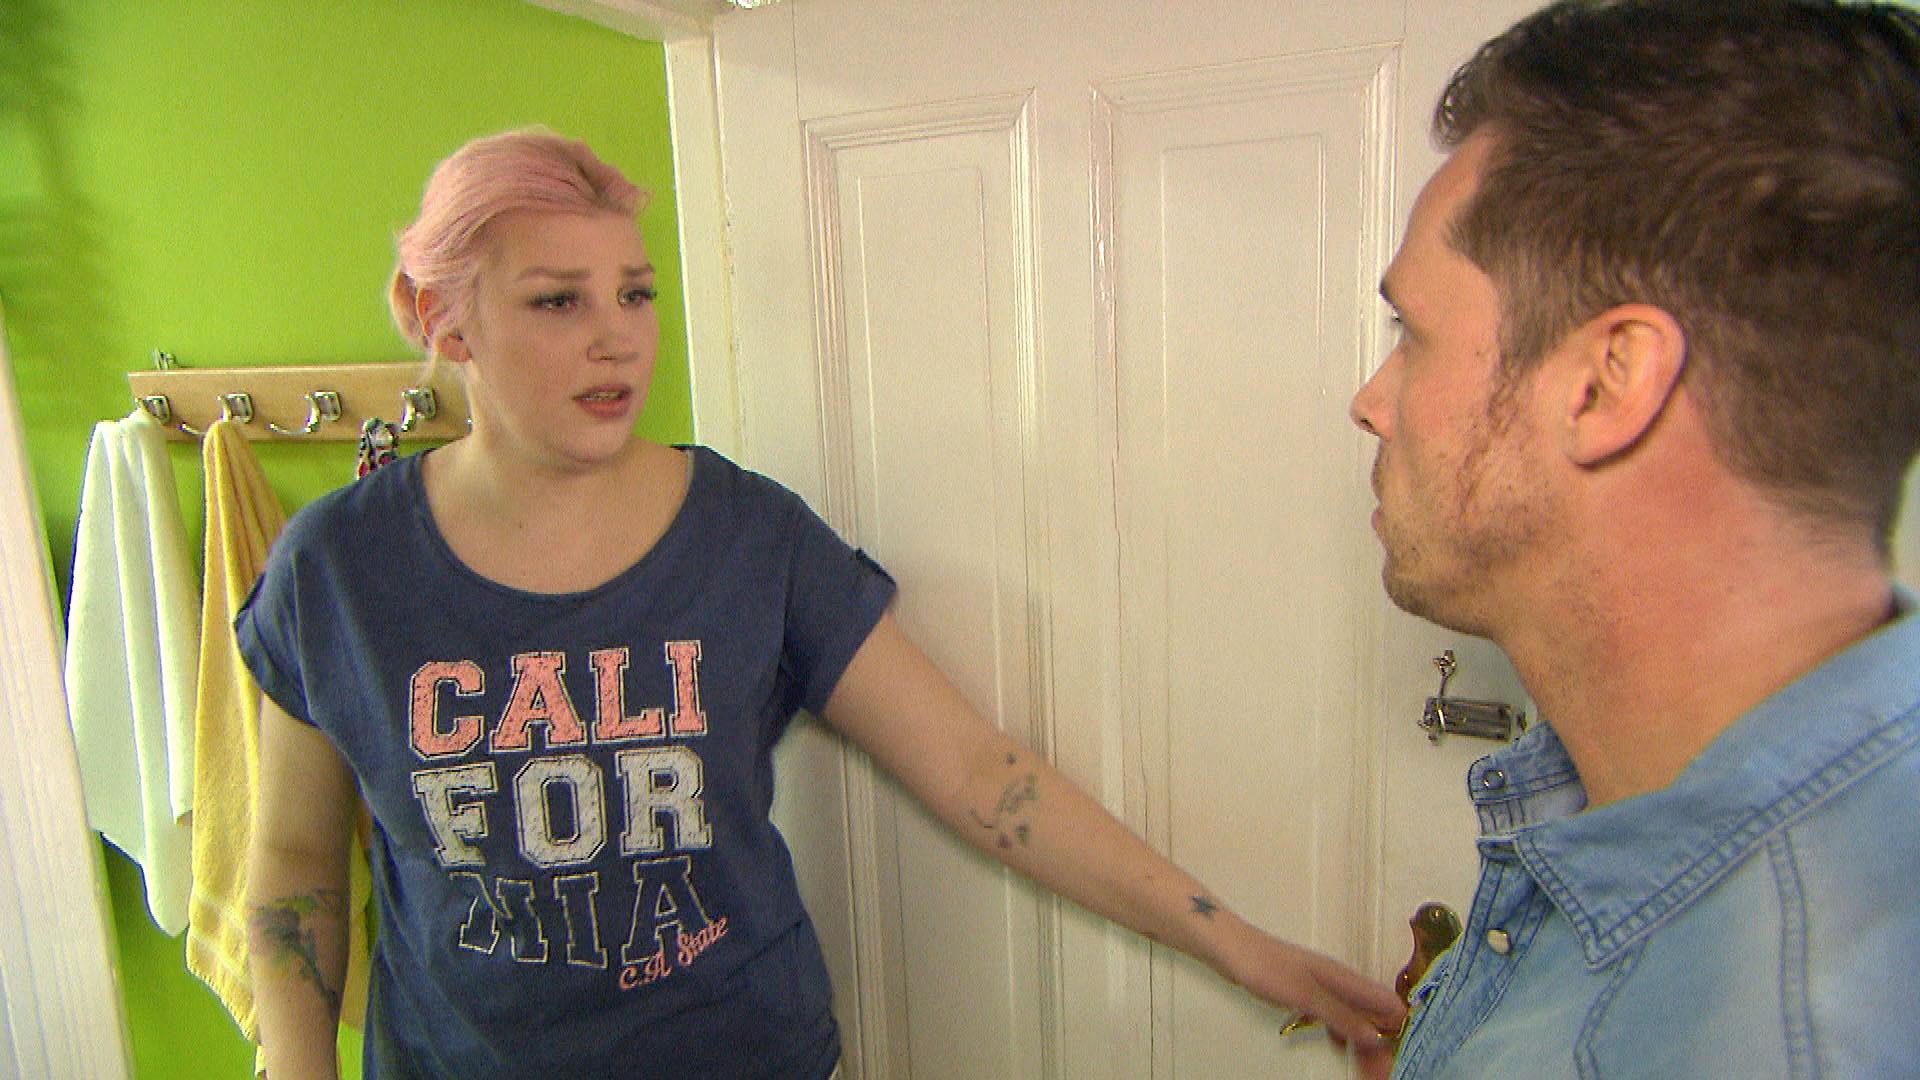 Als Bast,re. erfährt, dass Paula,li. bereits mit (Theo) über ihre Pleite geredet hat, aber nicht mit ihm, ist er tief getroffen. (Quelle: RTL 2)